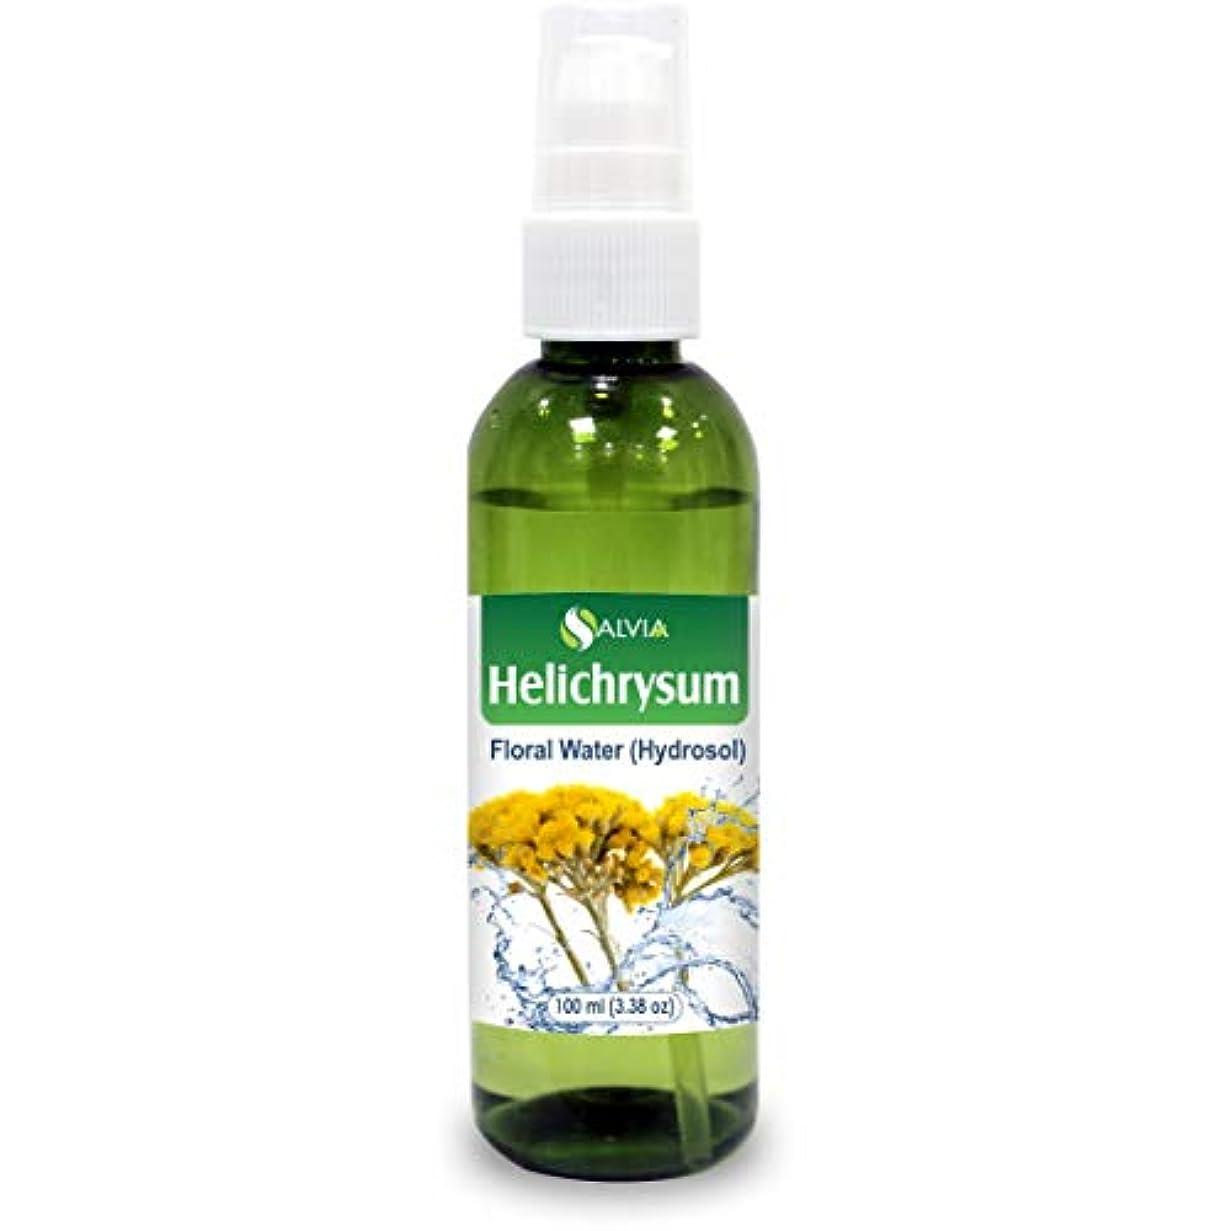 真剣に確立しますロードハウスHelichrysum Floral Water 100ml (Hydrosol) 100% Pure And Natural